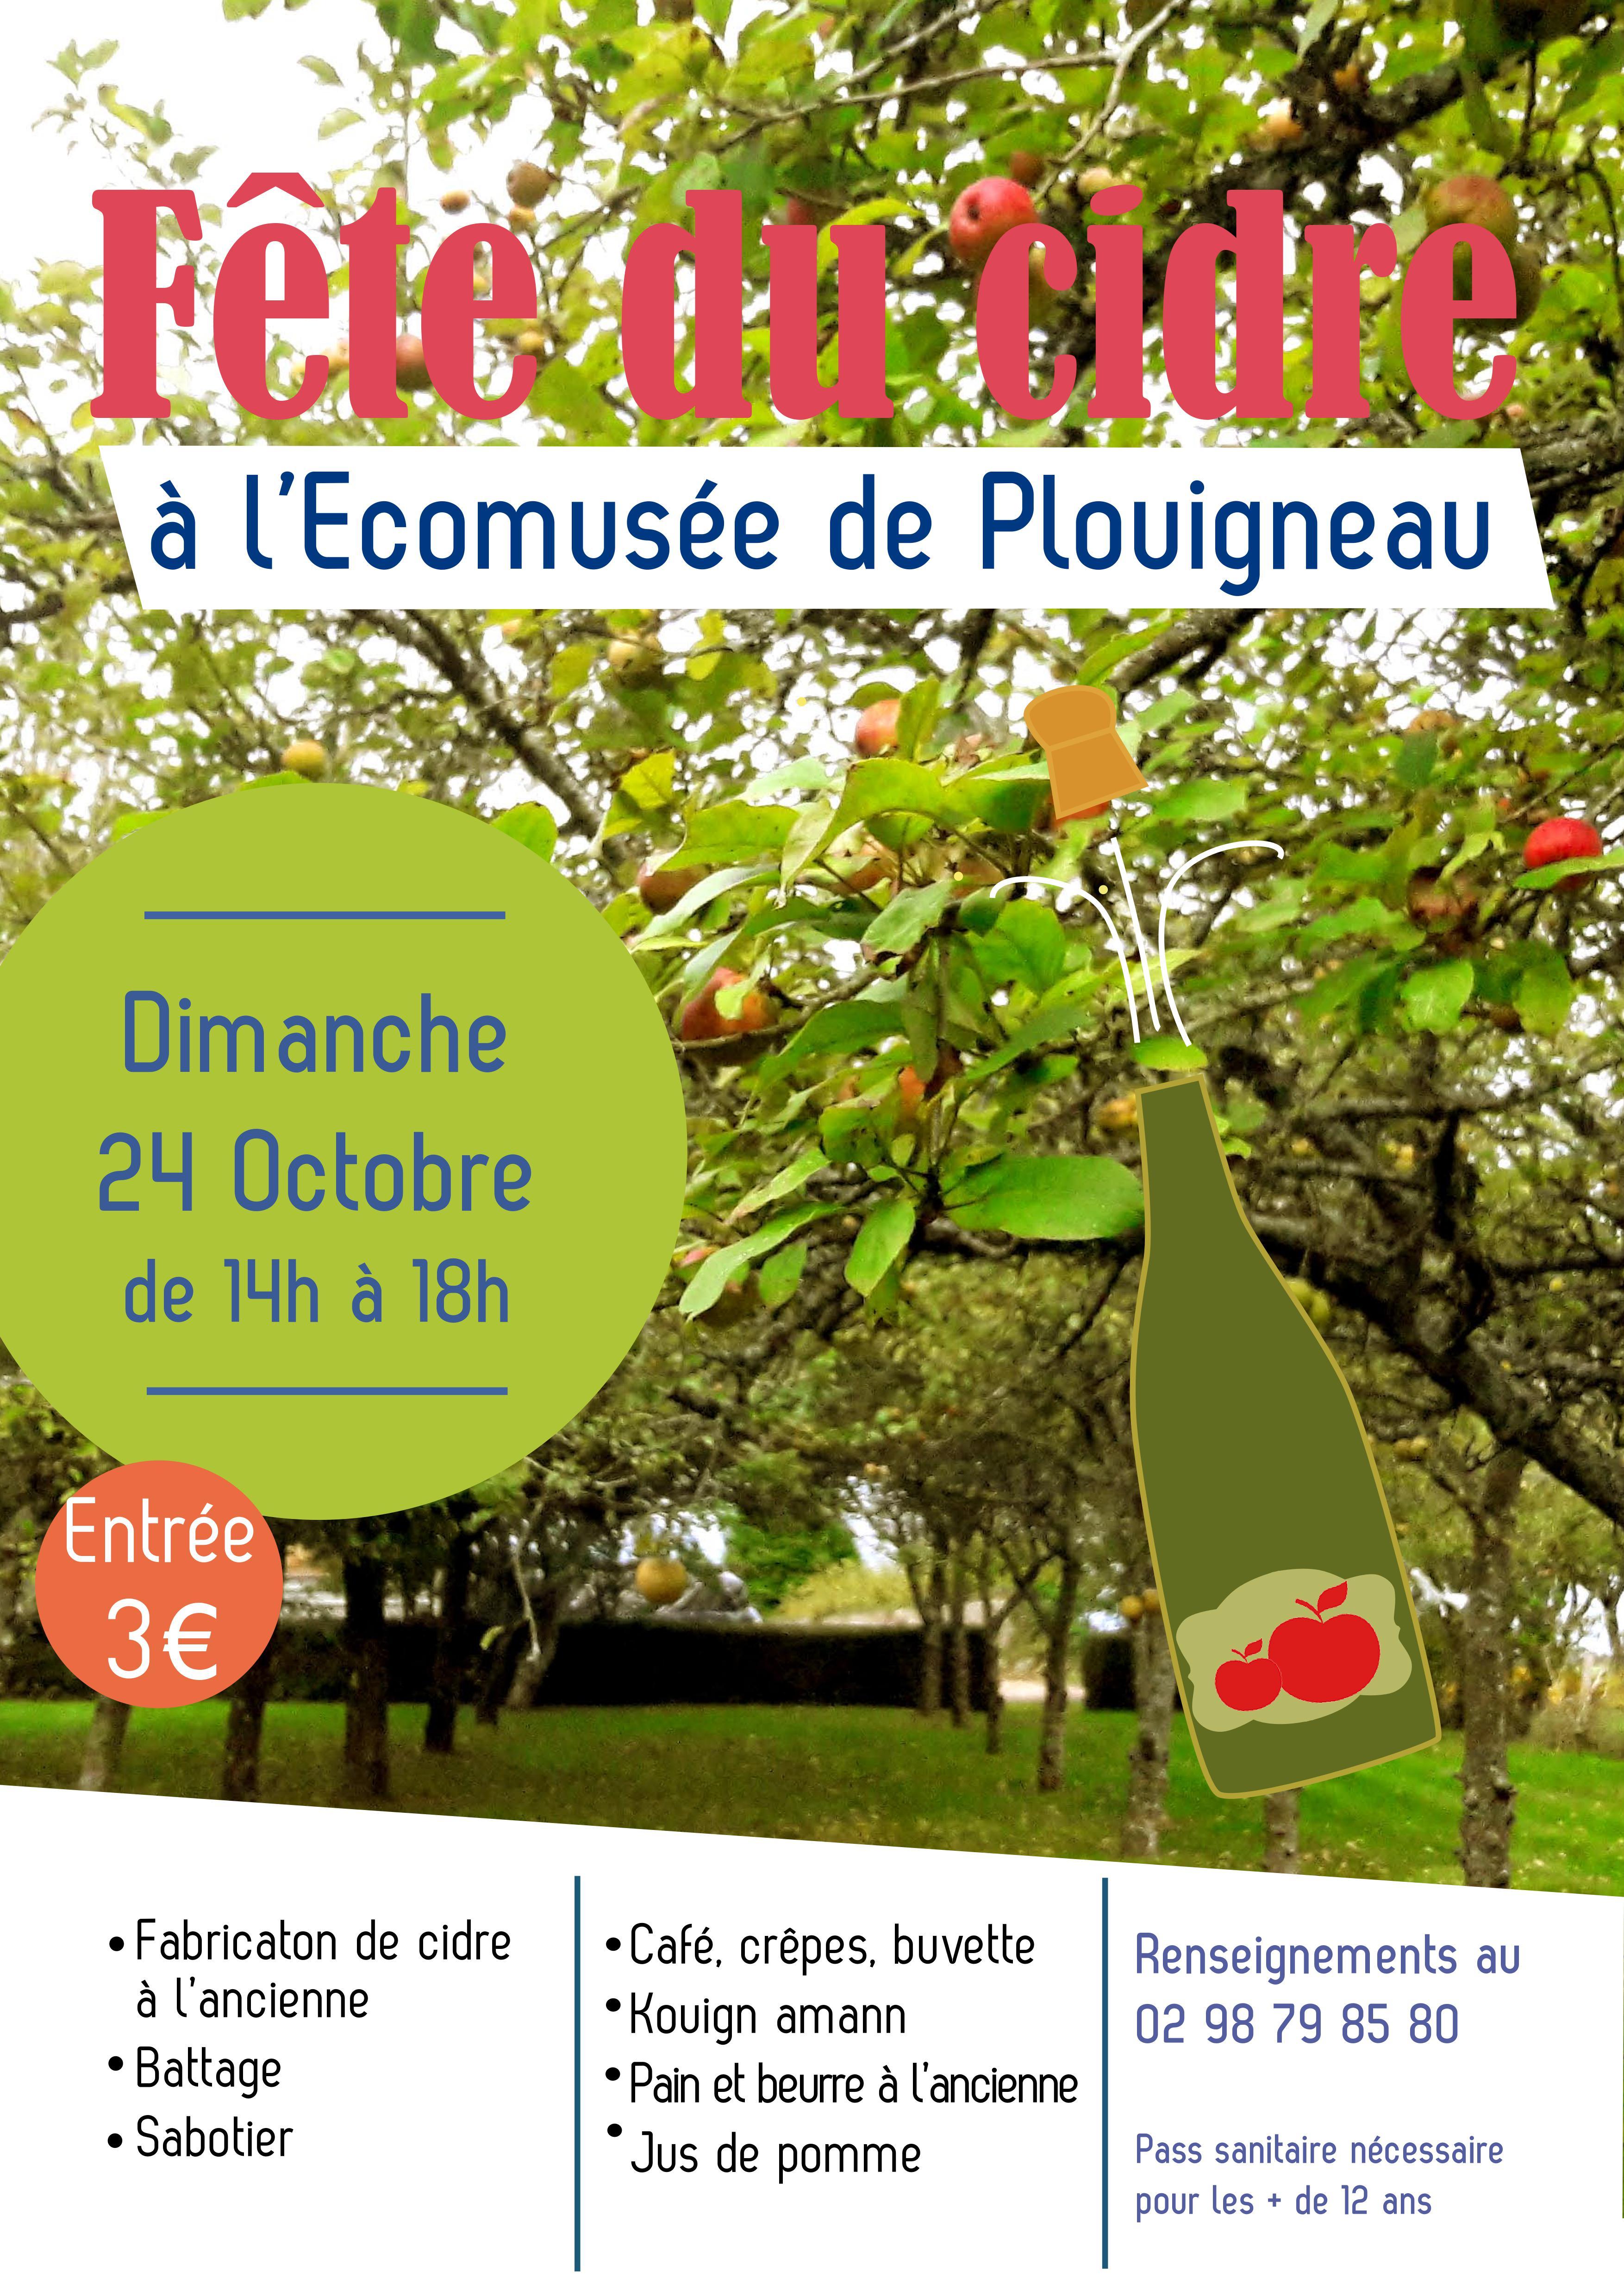 Fête du Cidre à l'Écomusée de Plouigneau !